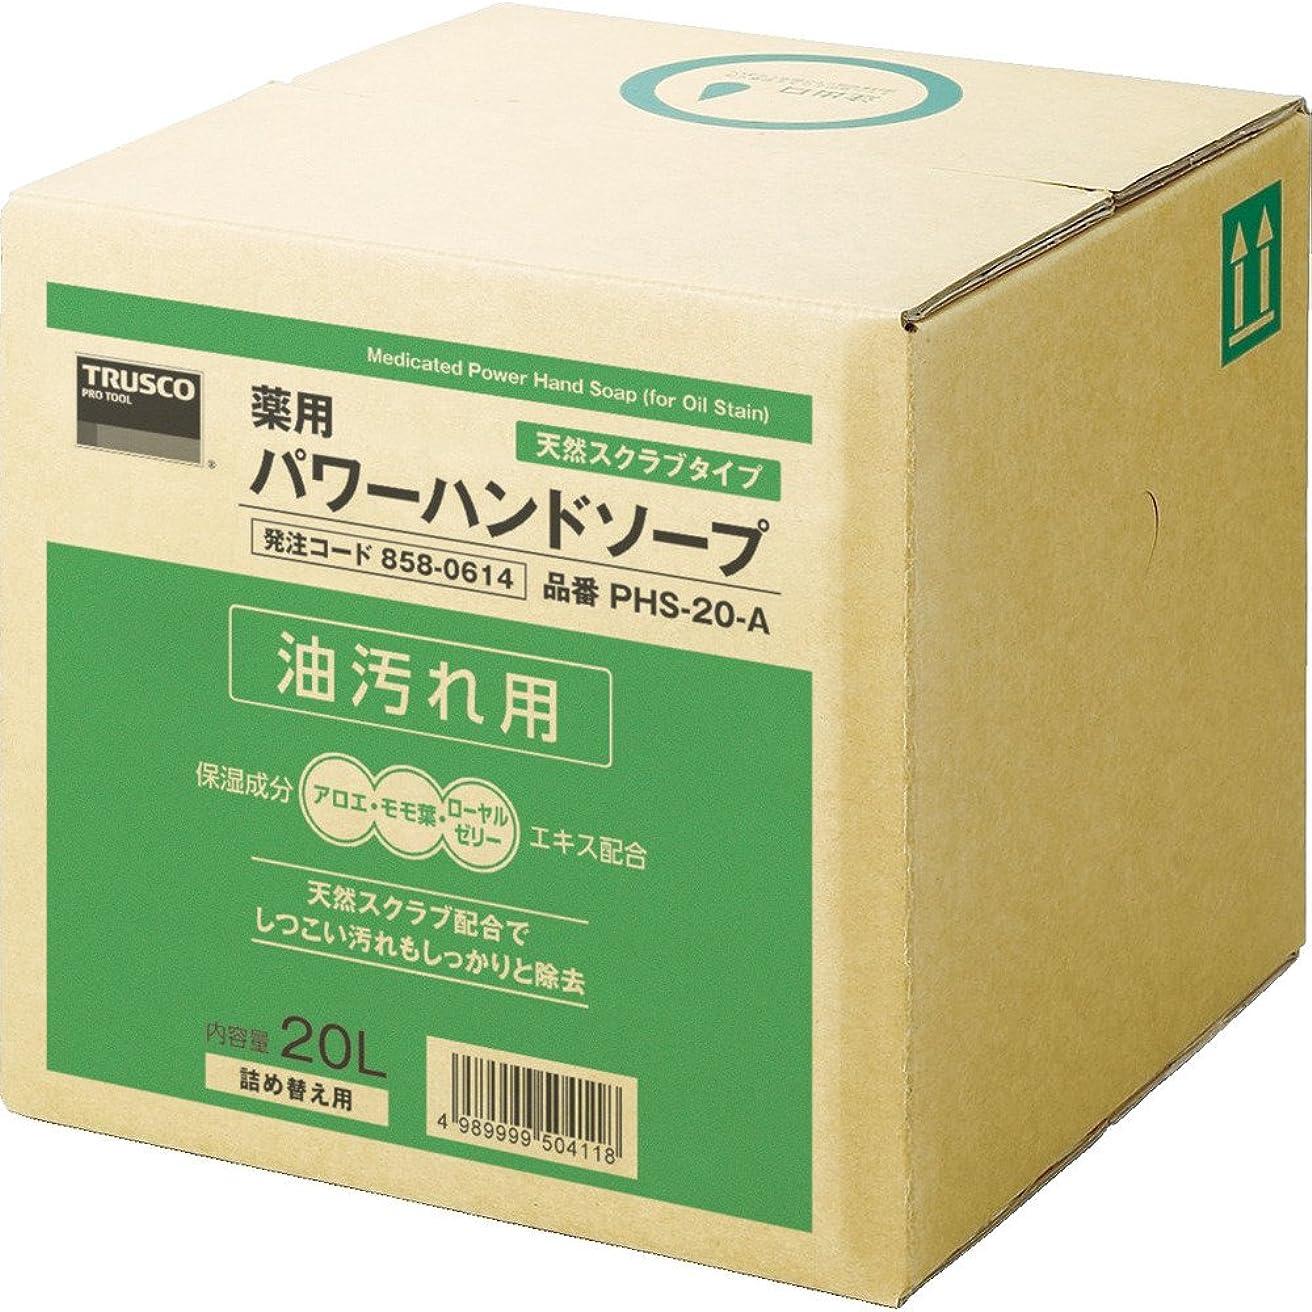 長さギャング試用TRUSCO(トラスコ) 薬用パワーハンドソープ 20L PHS-20-A